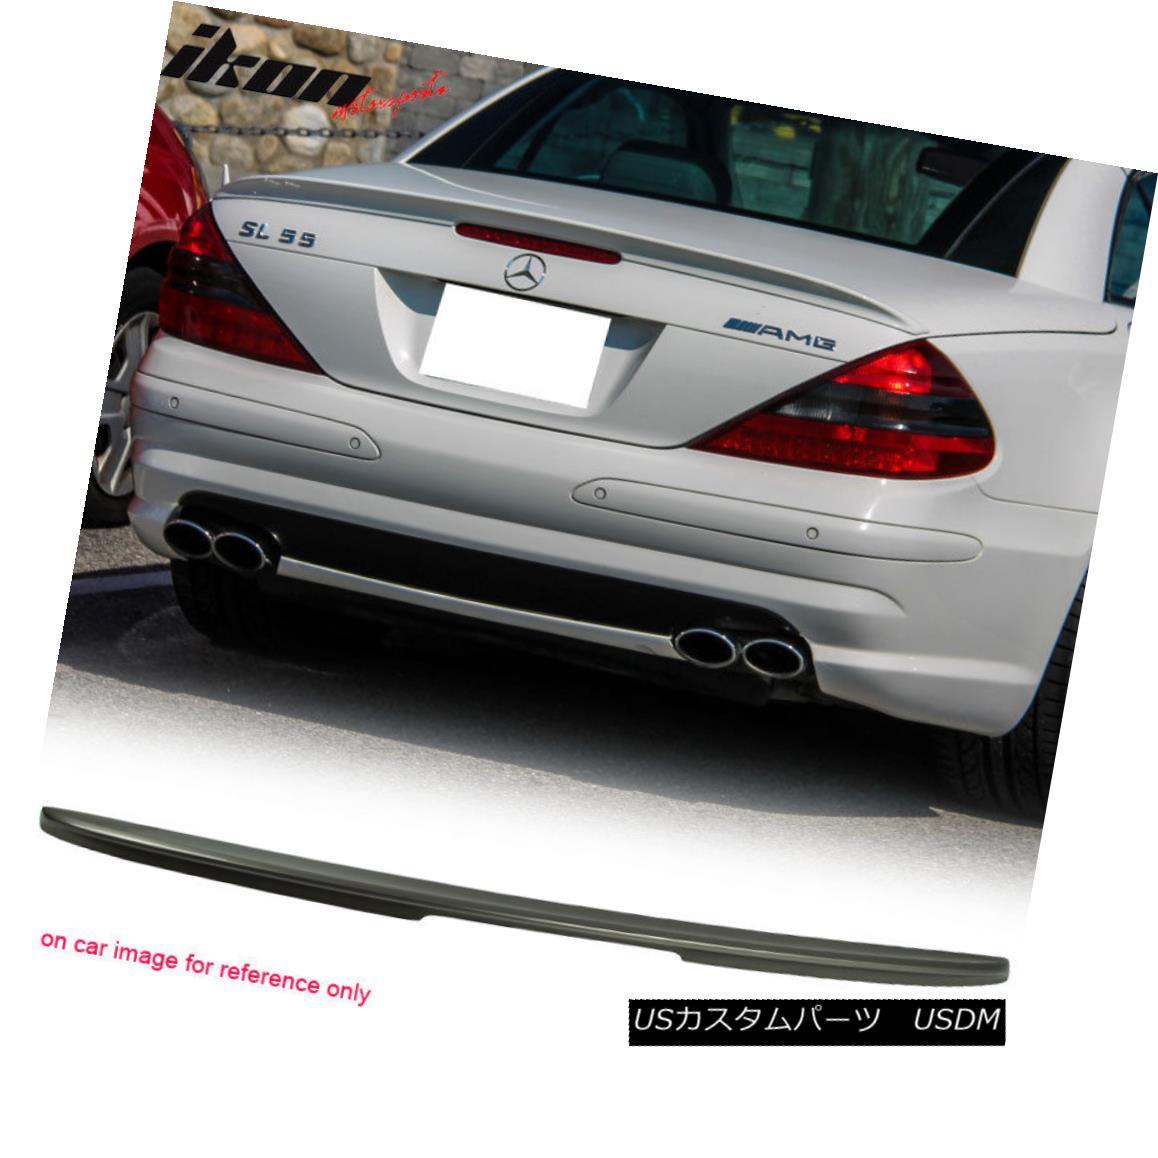 エアロパーツ Fits 03-11 Benz SL-Class R230 AMG Painted ABS Trunk Spoiler #723 Pewter Metallic フィット03-11ベンツSLクラスR230 AMG塗装ABSトランクスポイラー#723ピューターメタリック